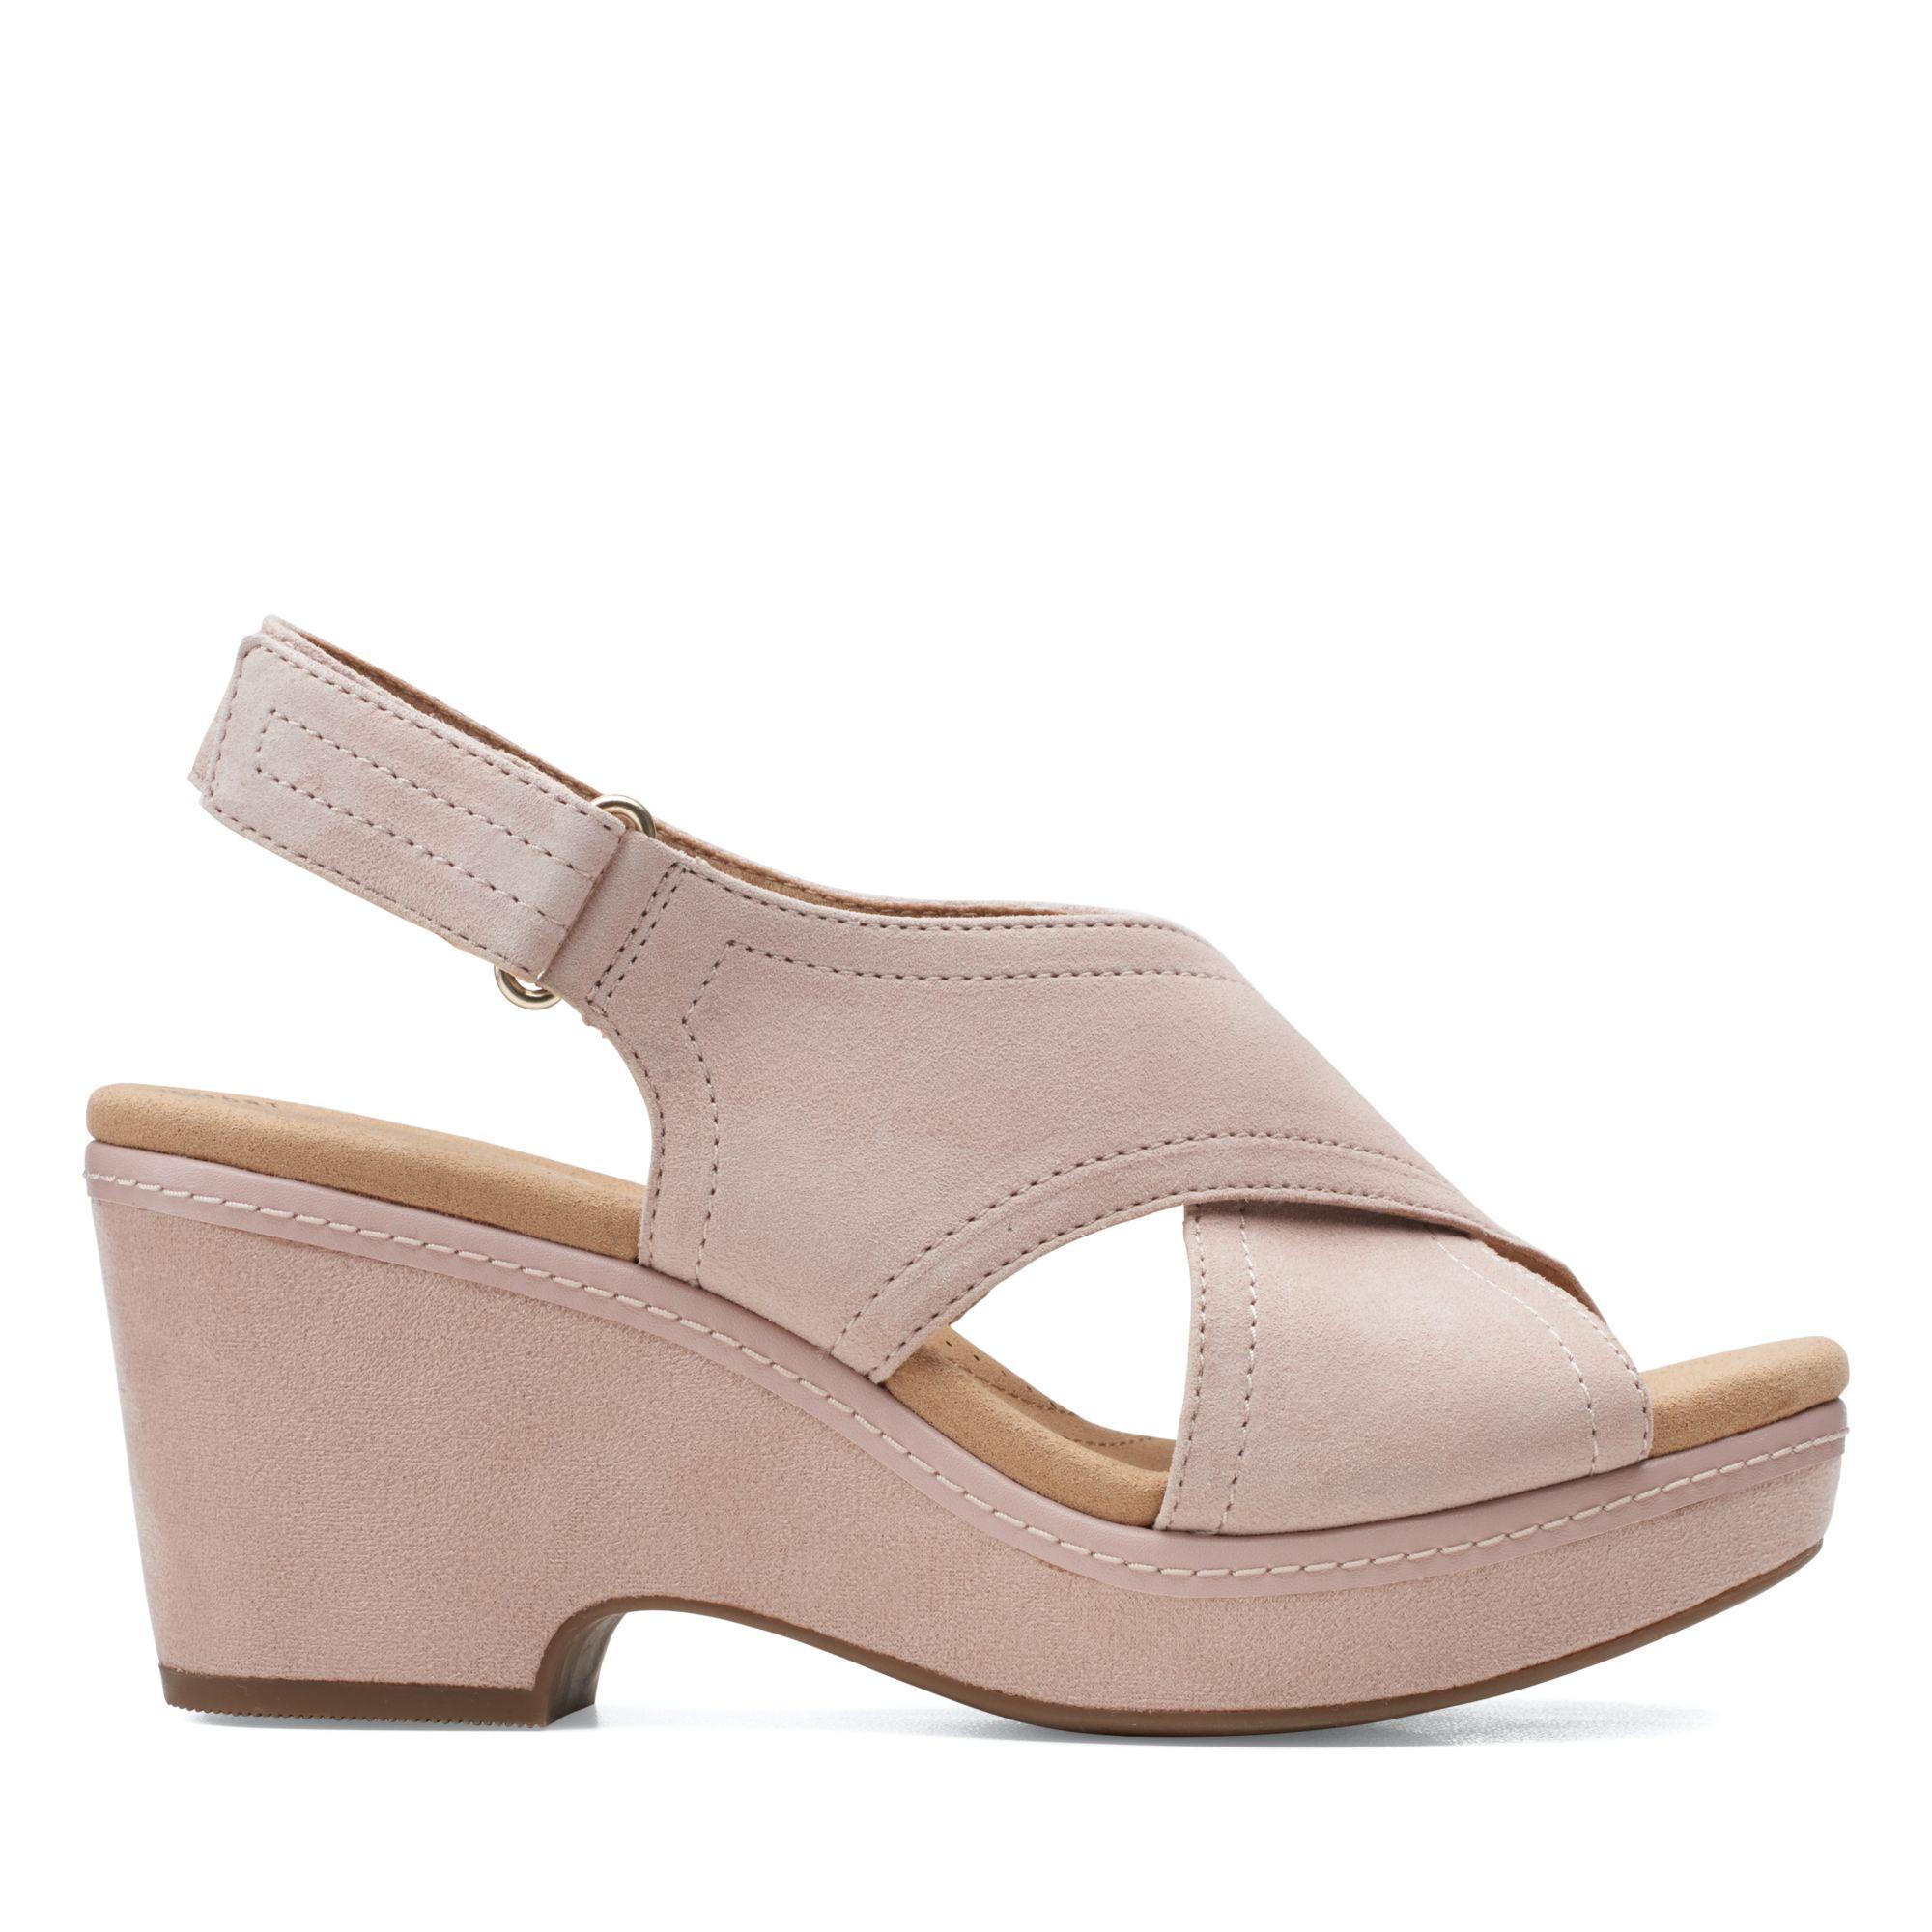 Clarks仲夏之夢-Giselle Cove前交織勺型厚底涼鞋(玫瑰粉色)